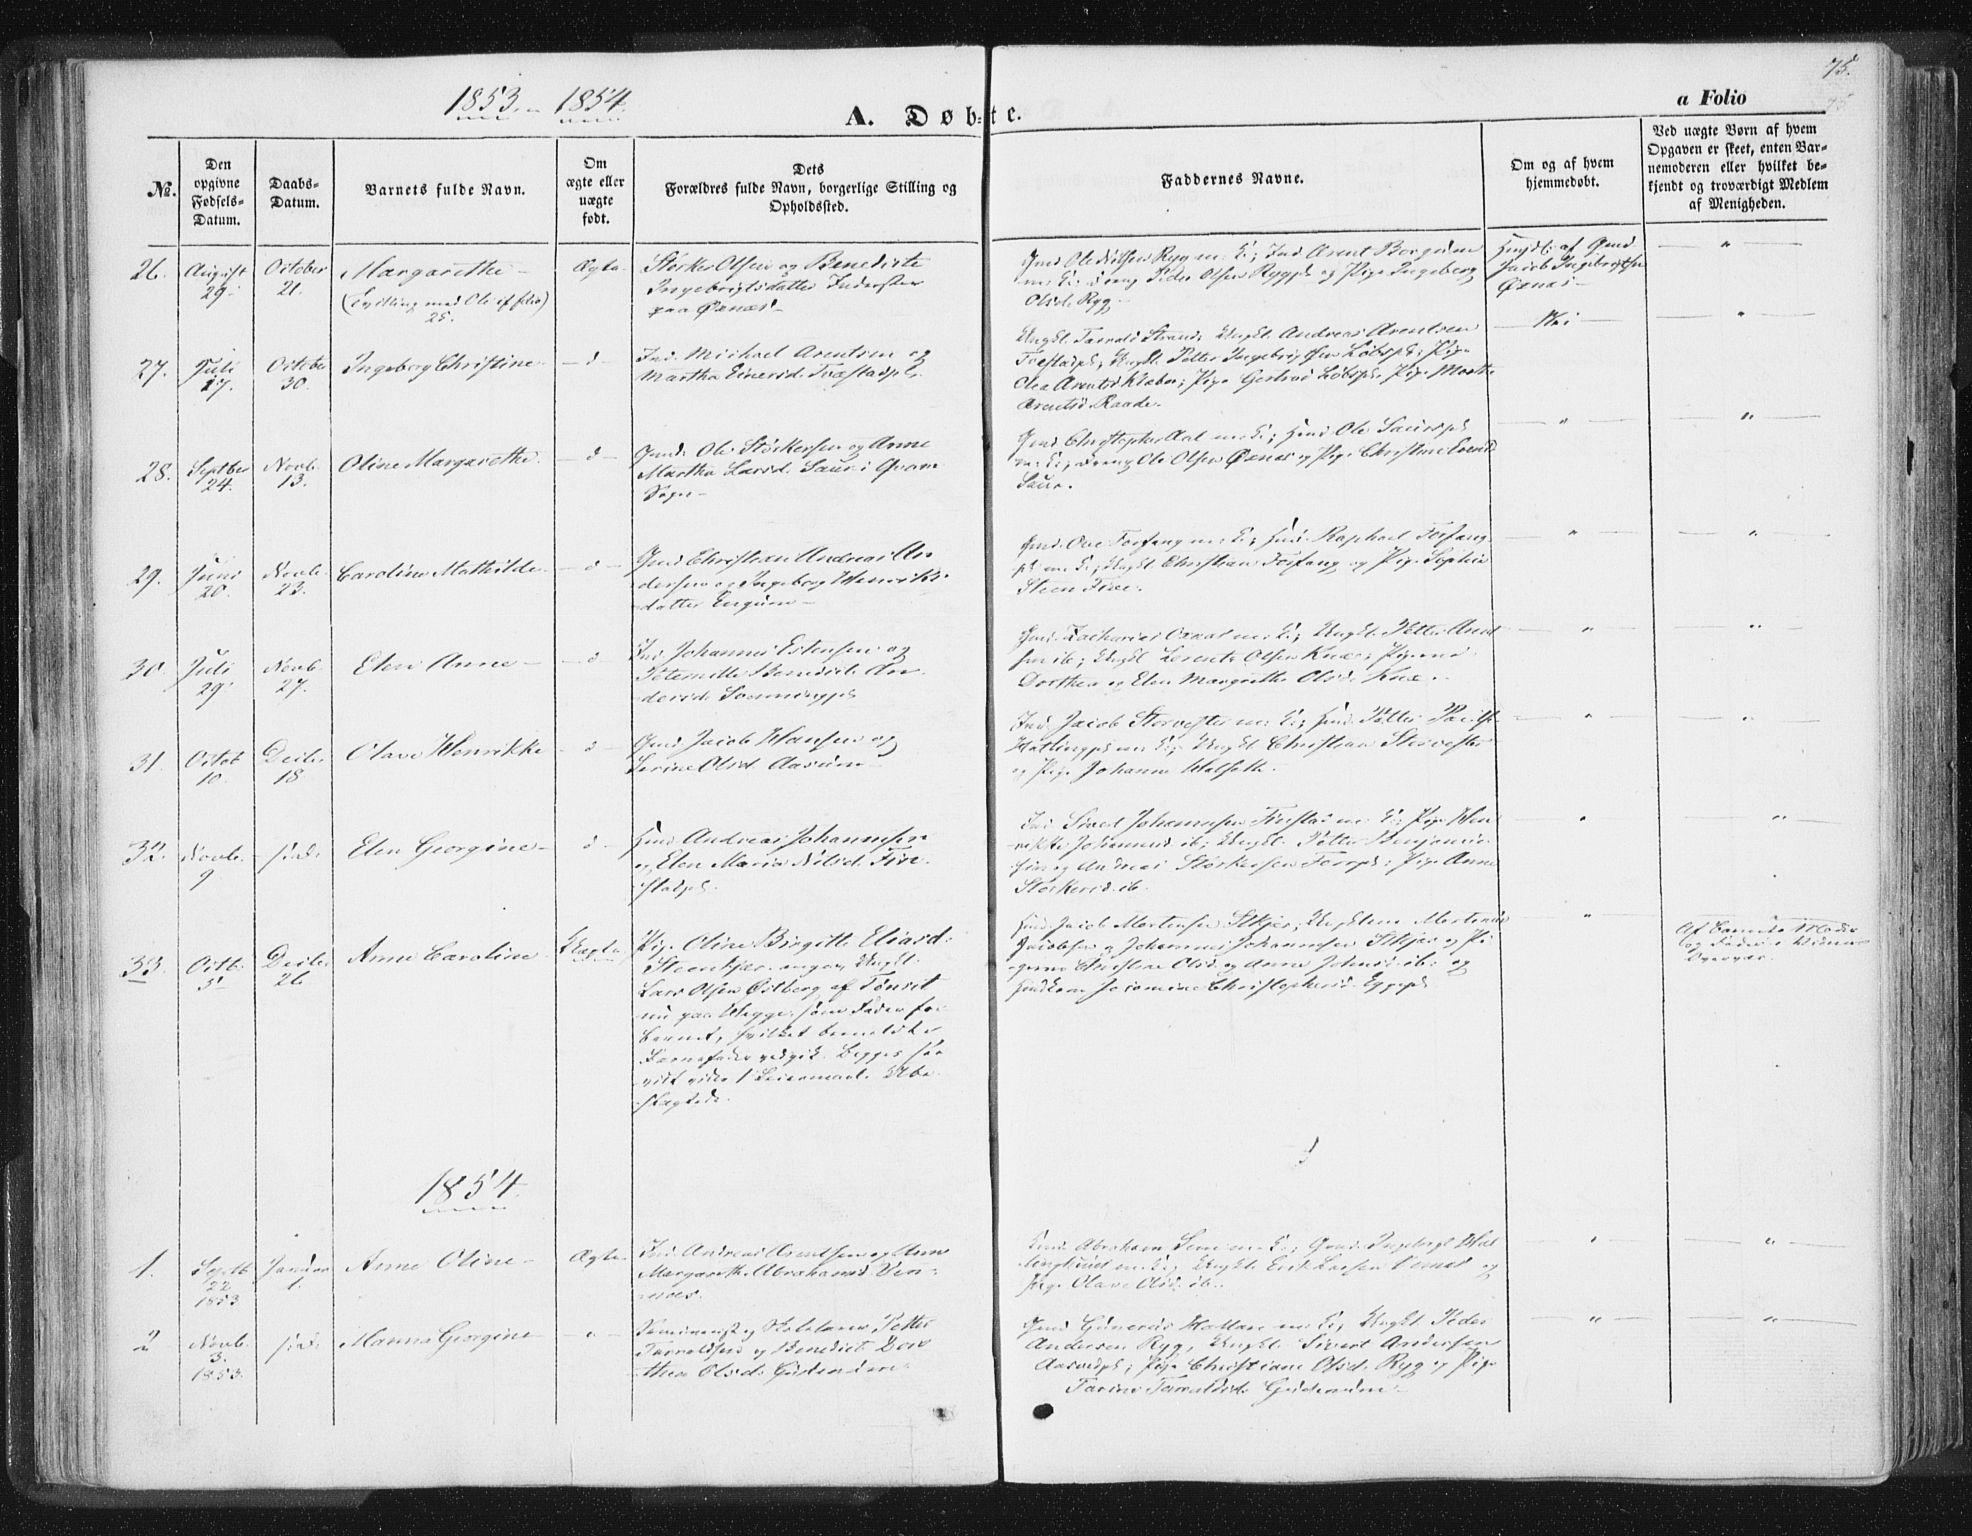 SAT, Ministerialprotokoller, klokkerbøker og fødselsregistre - Nord-Trøndelag, 746/L0446: Ministerialbok nr. 746A05, 1846-1859, s. 75